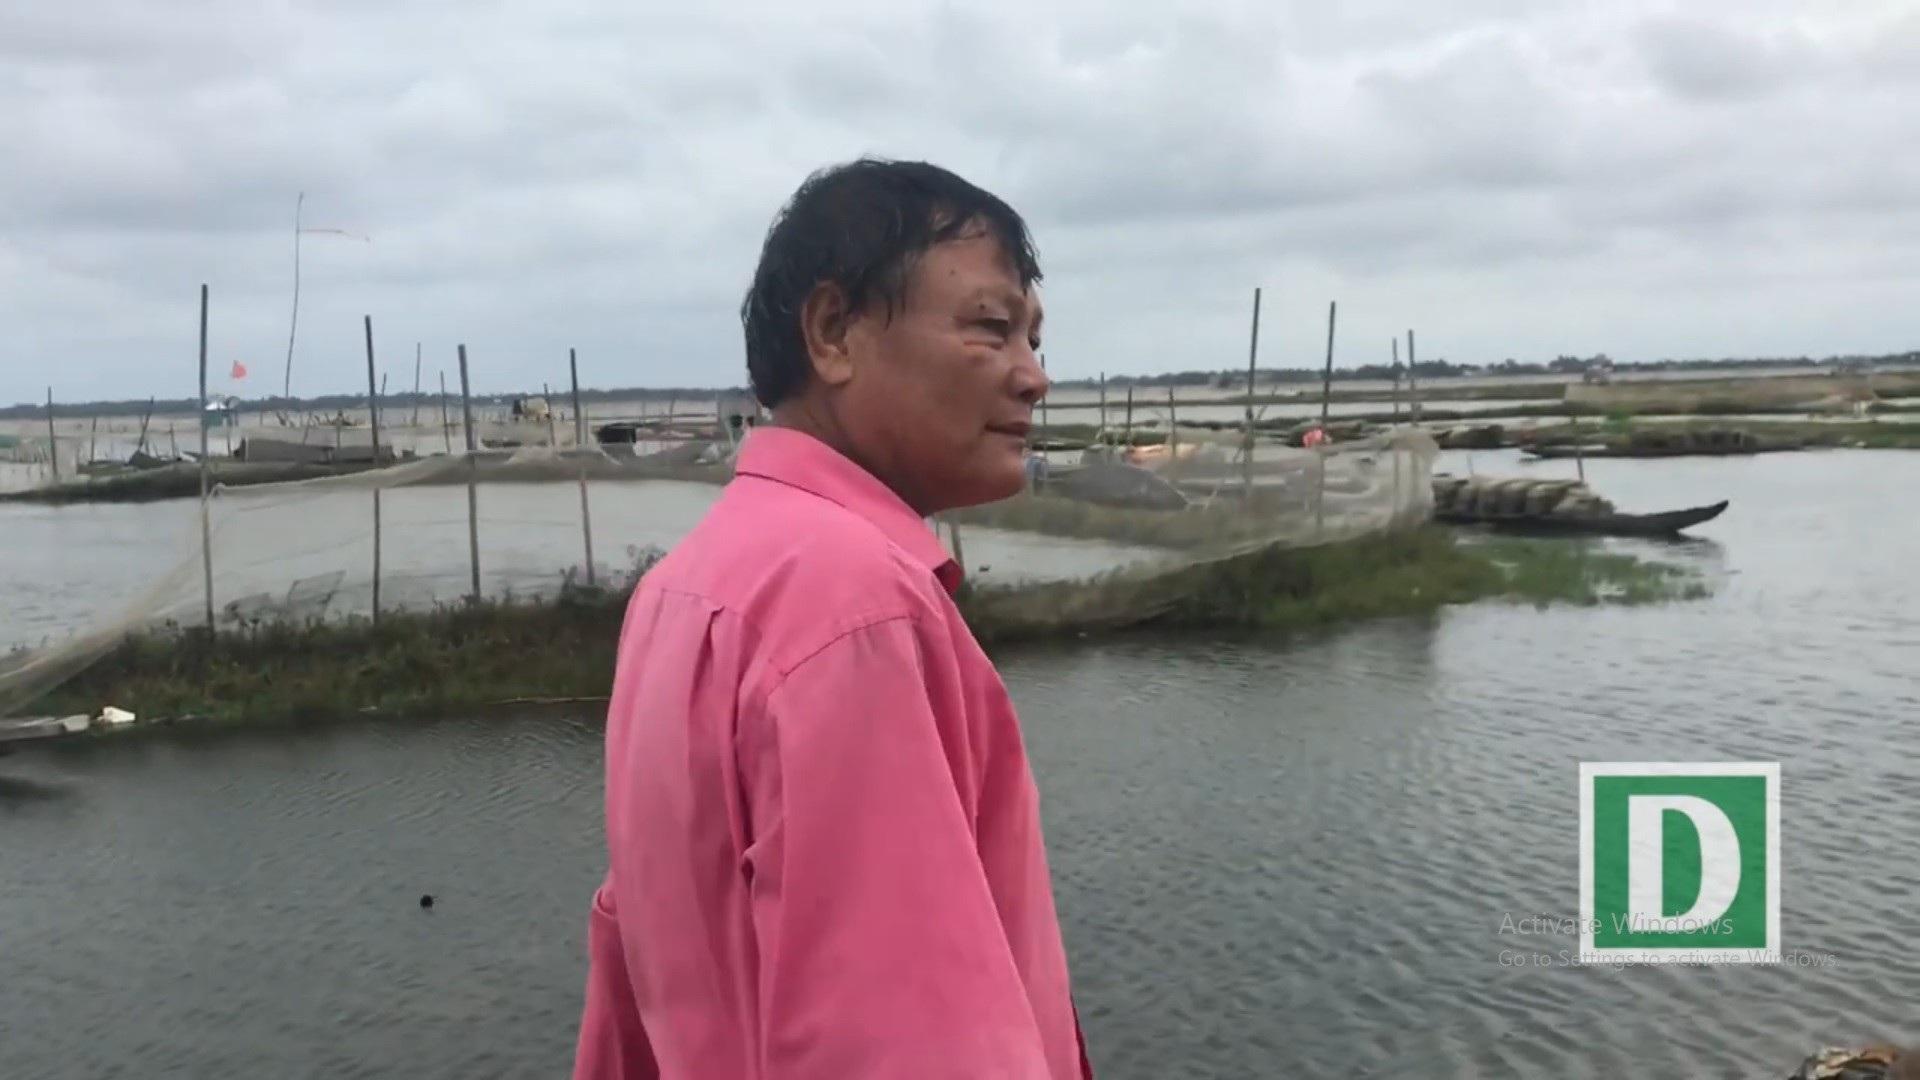 """Người thầy U80 """"chở chữ"""" miễn phí cho người dân sông nước Phú Vang - Ảnh 4."""